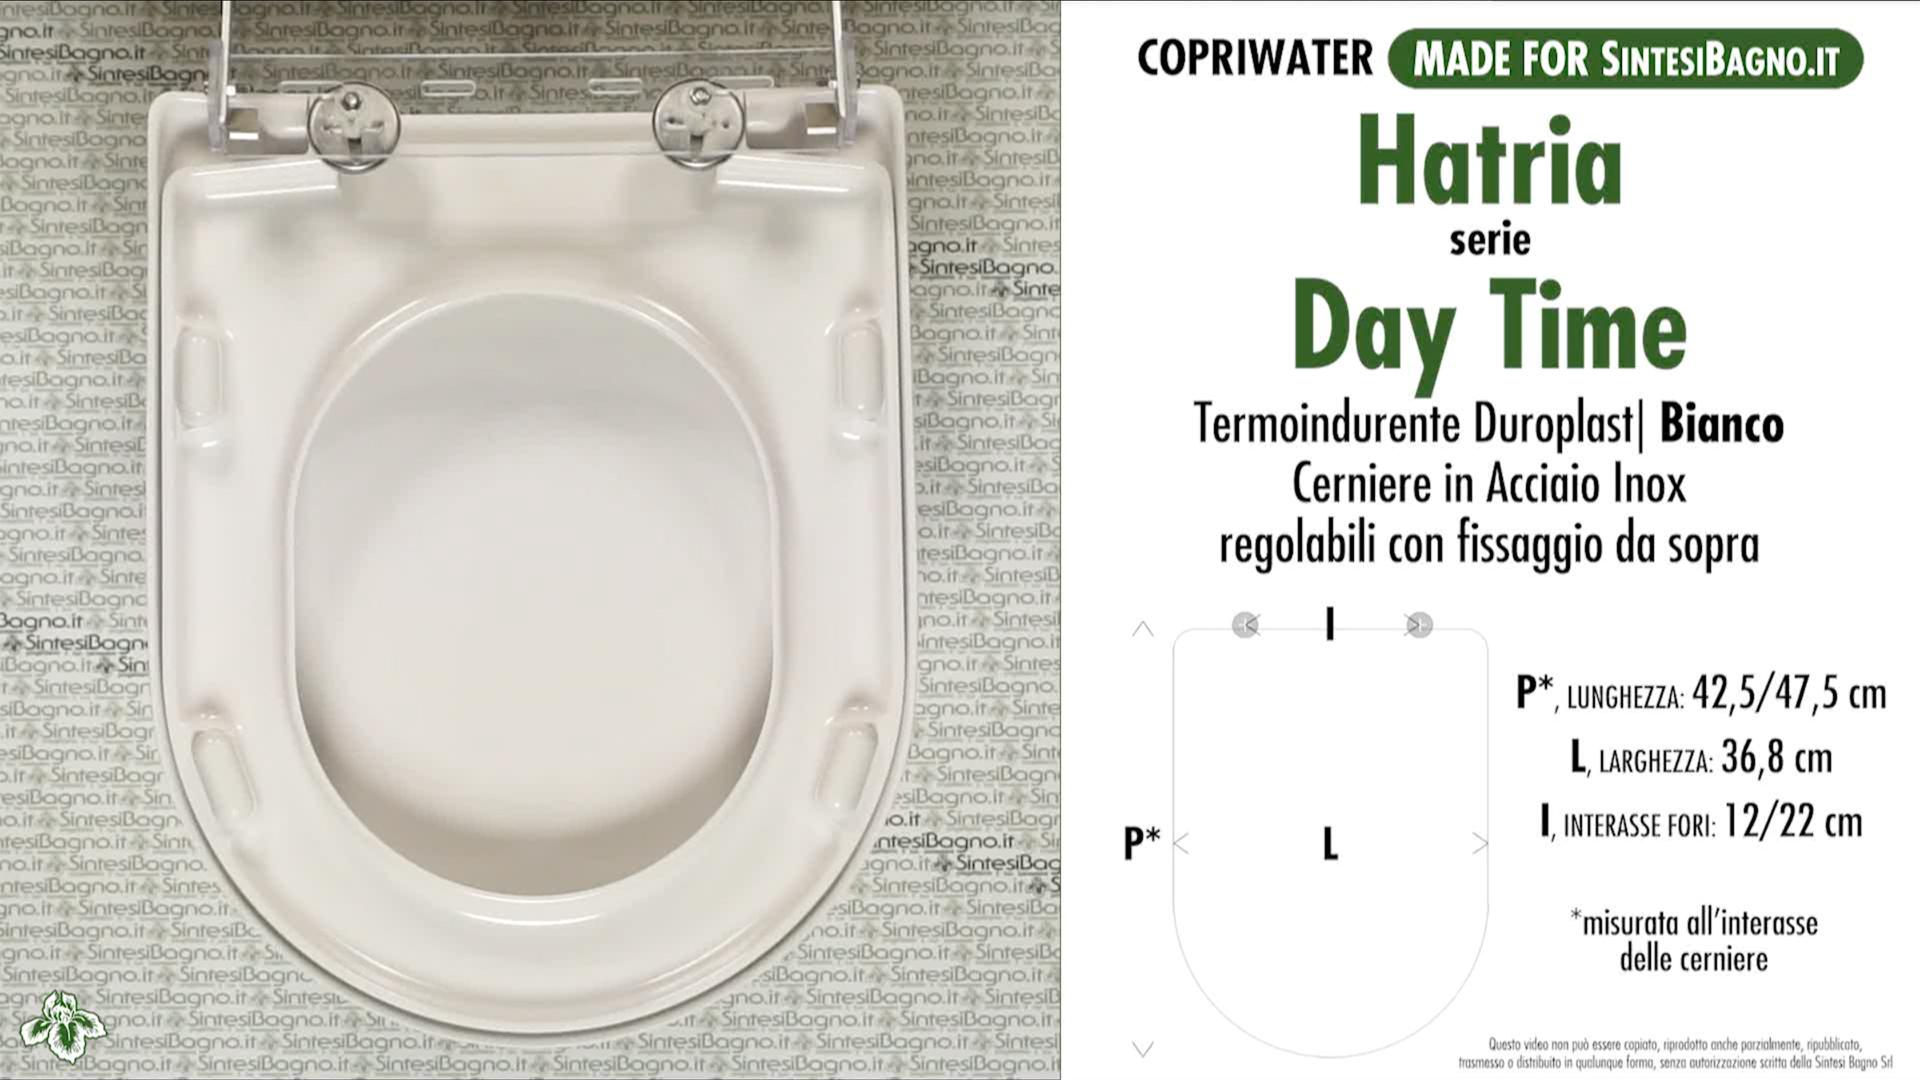 SCHEDA TECNICA MISURE copriwater HATRIA DAY TIME